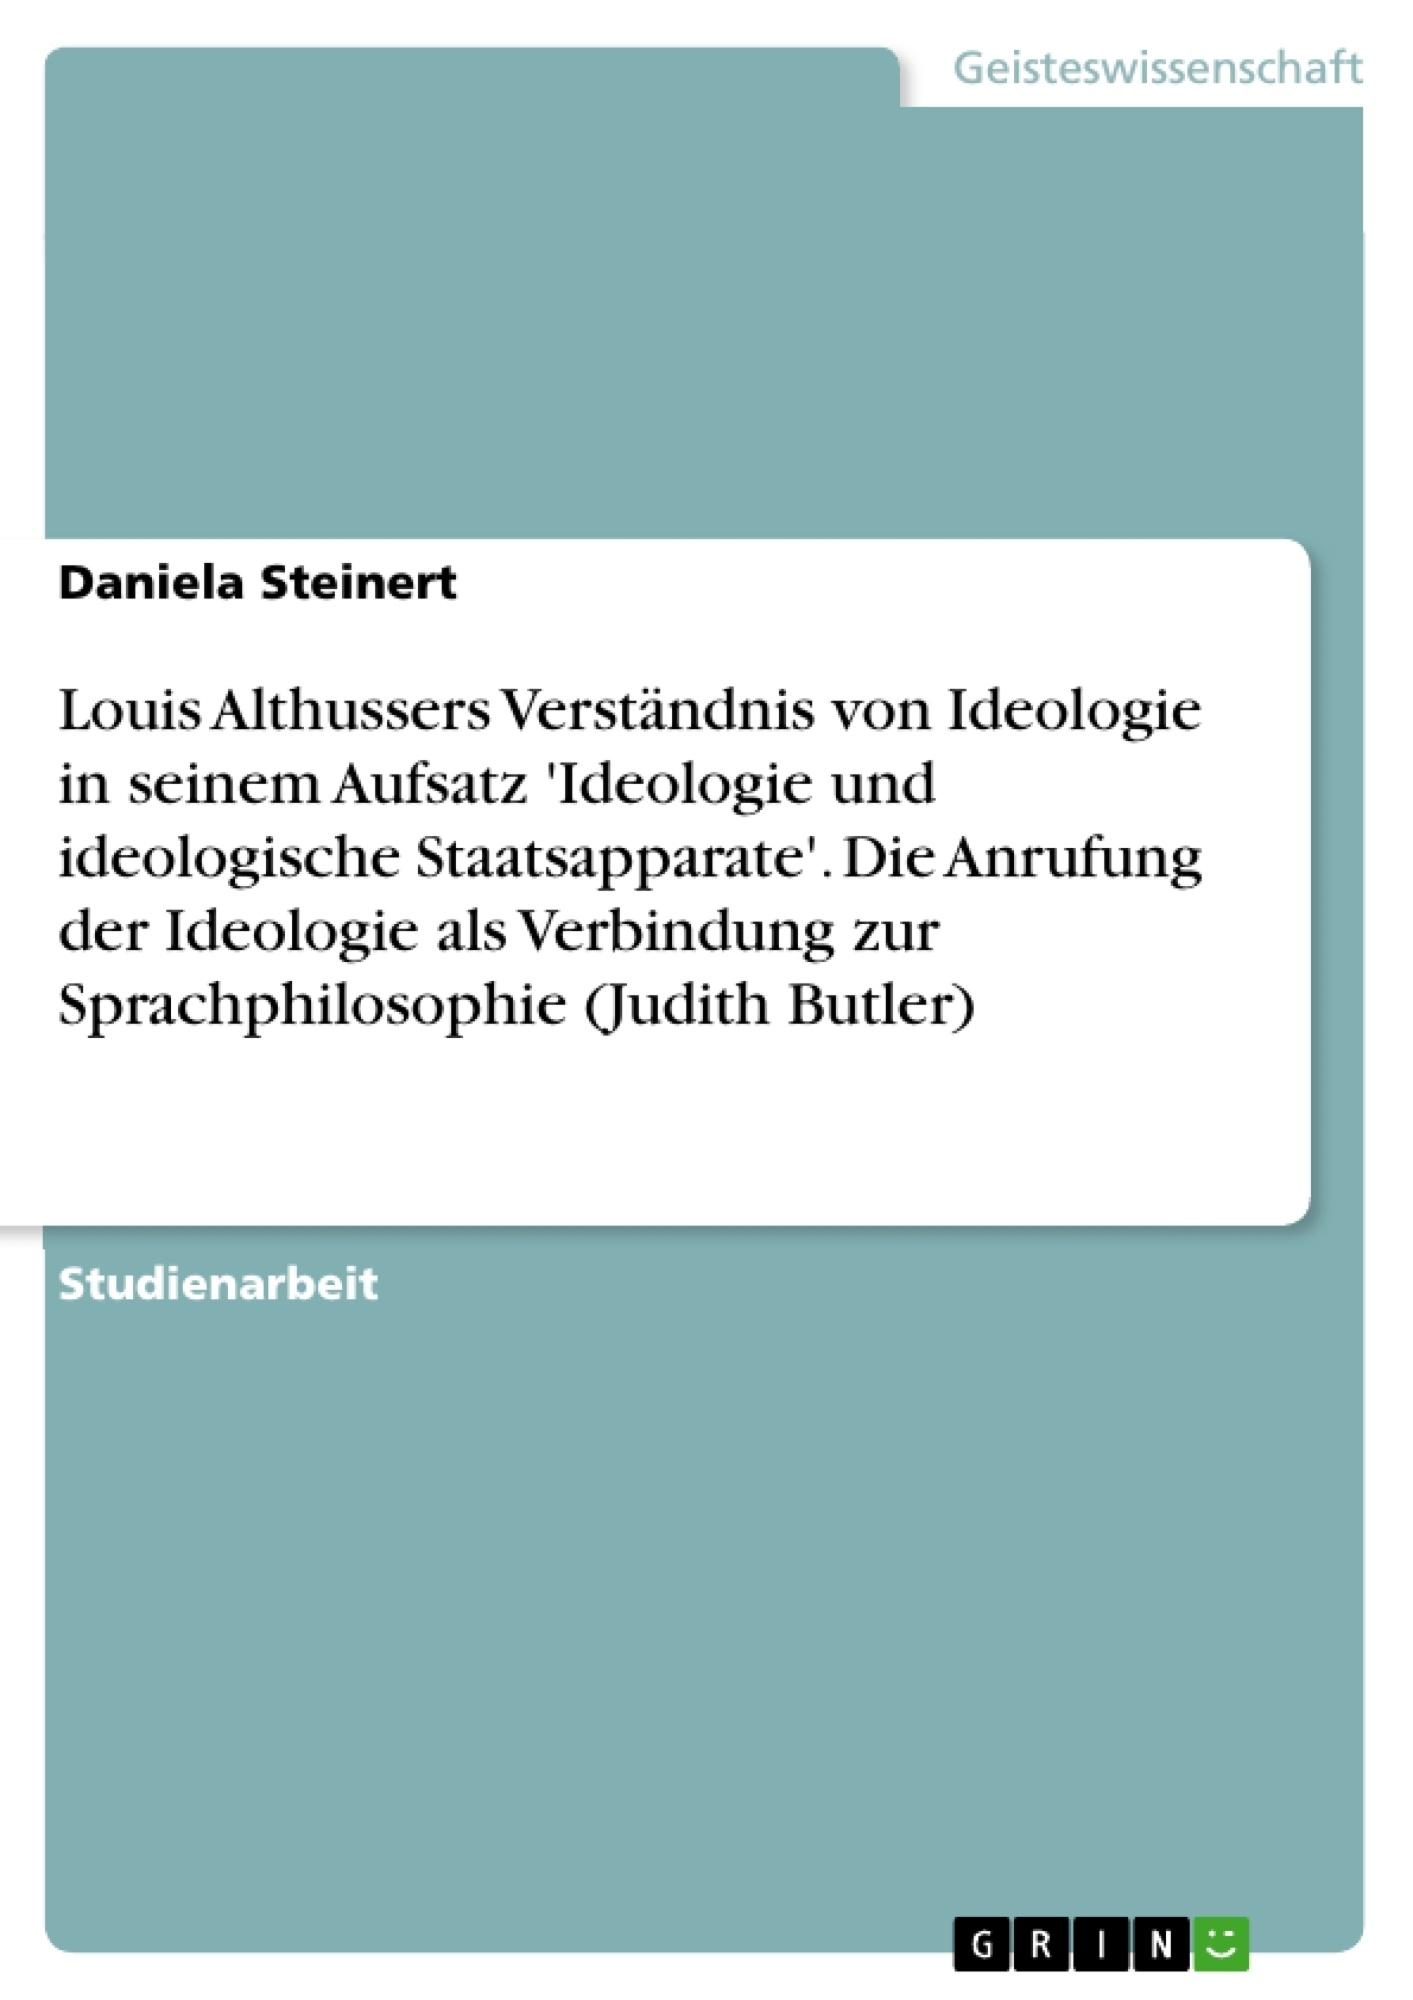 Titel: Louis Althussers Verständnis von Ideologie in seinem Aufsatz 'Ideologie und ideologische Staatsapparate'. Die Anrufung der Ideologie als Verbindung zur Sprachphilosophie (Judith Butler)